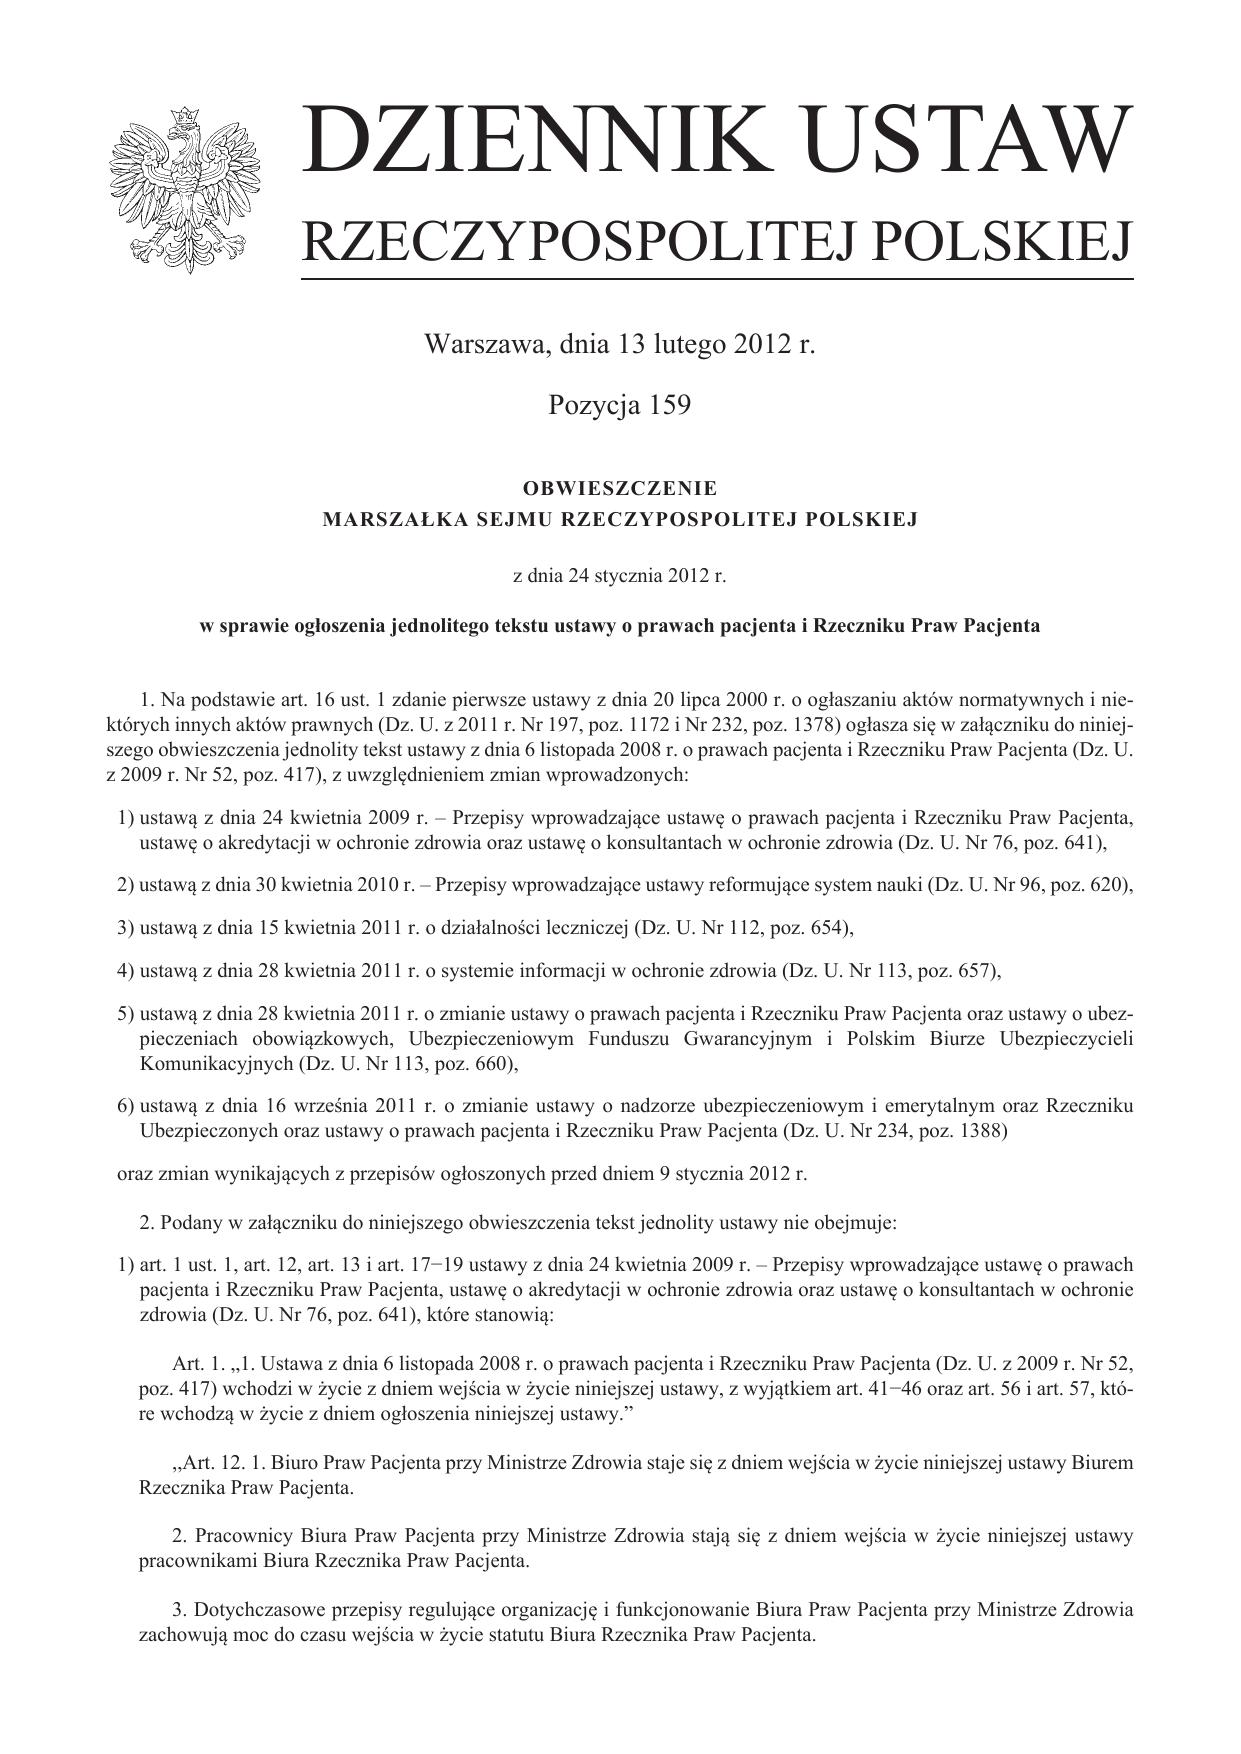 a632dd6ad020b9 Ustawa z dnia 6 listopada 2008 r. o prawach pacjenta i Rzeczniku